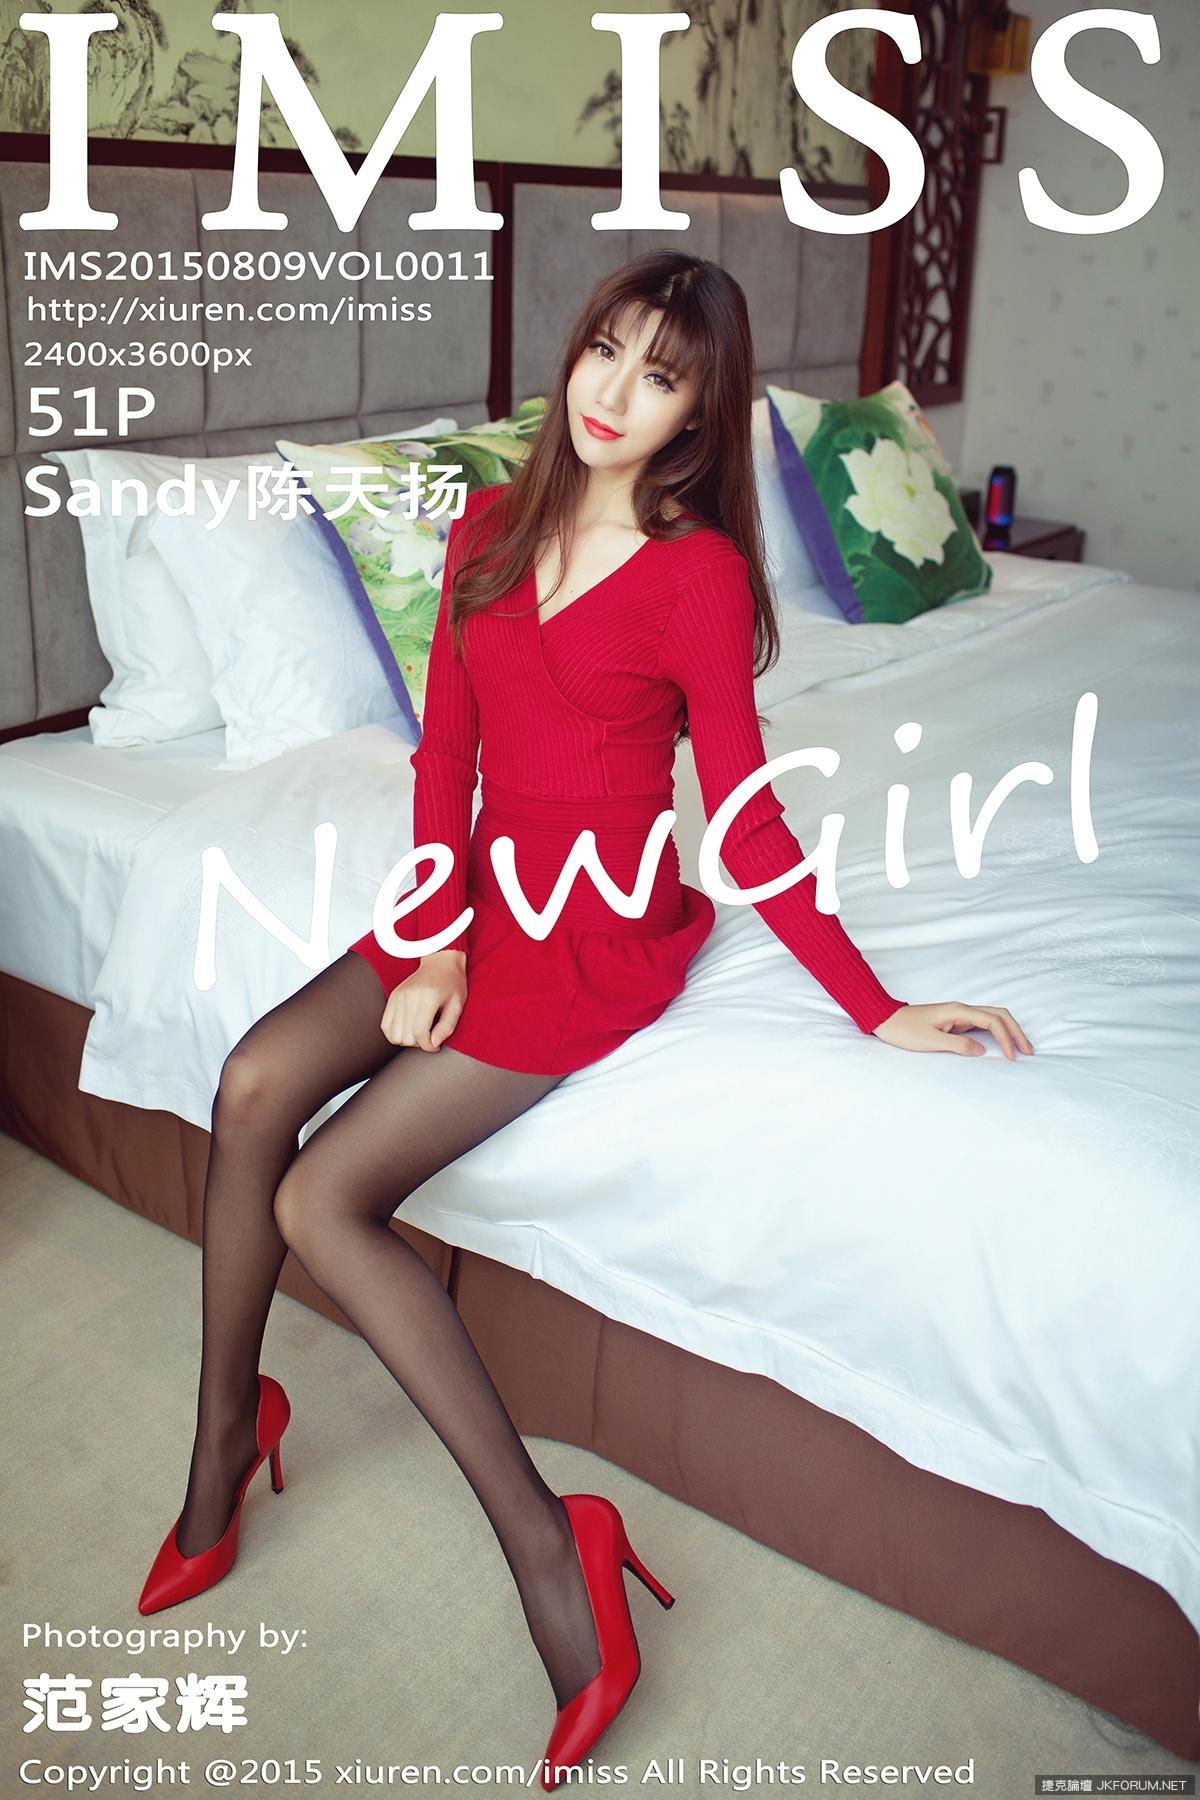 【IMiss愛蜜社系列】Vol.011  Sandy陳天揚 性感寫真【52P】 - 貼圖 - 絲襪美腿 -